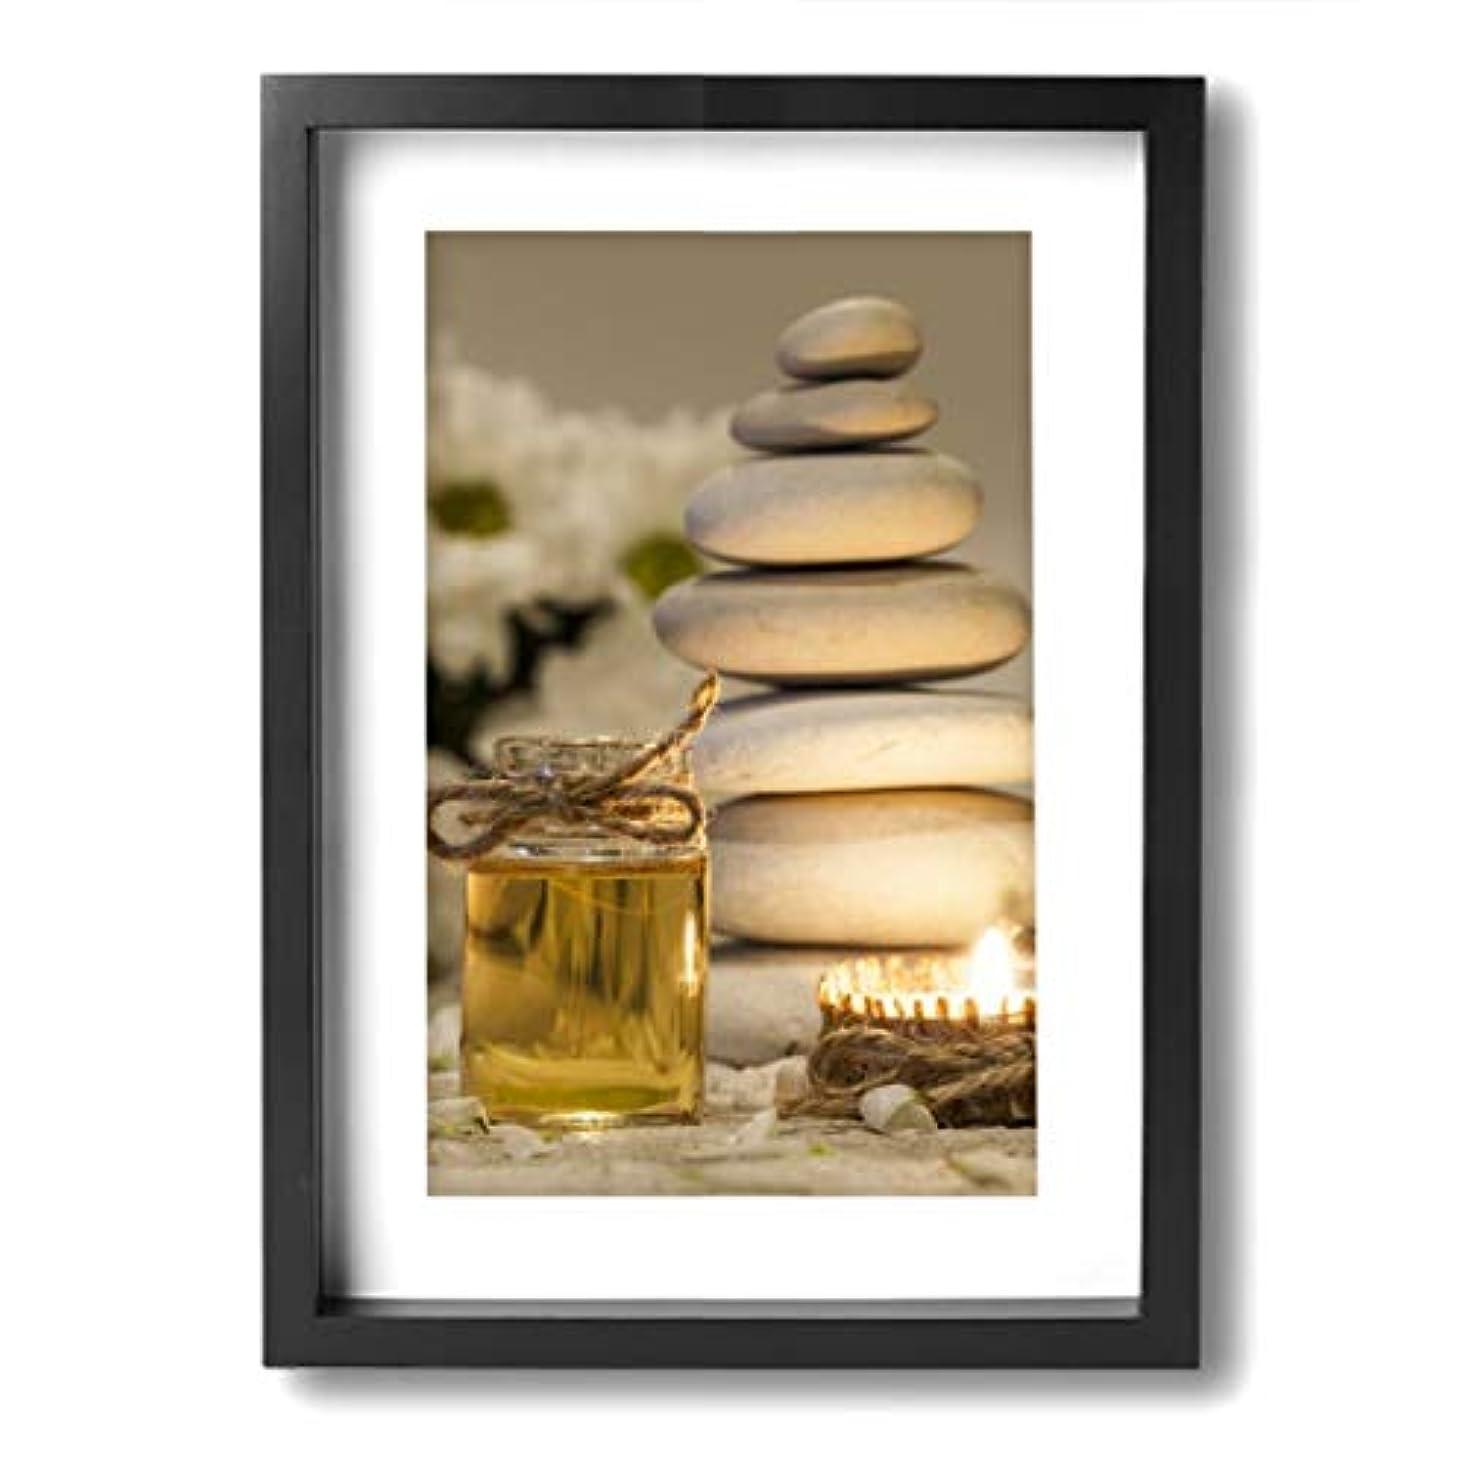 シンプルさ祖母突き刺す魅力的な芸術 20x30cm Chamomile Essential Oil Chamomile Flowers キャンバスの壁アート 画像プリント絵画リビングルームの壁の装飾と家の装飾のための現代アートワークハングする...